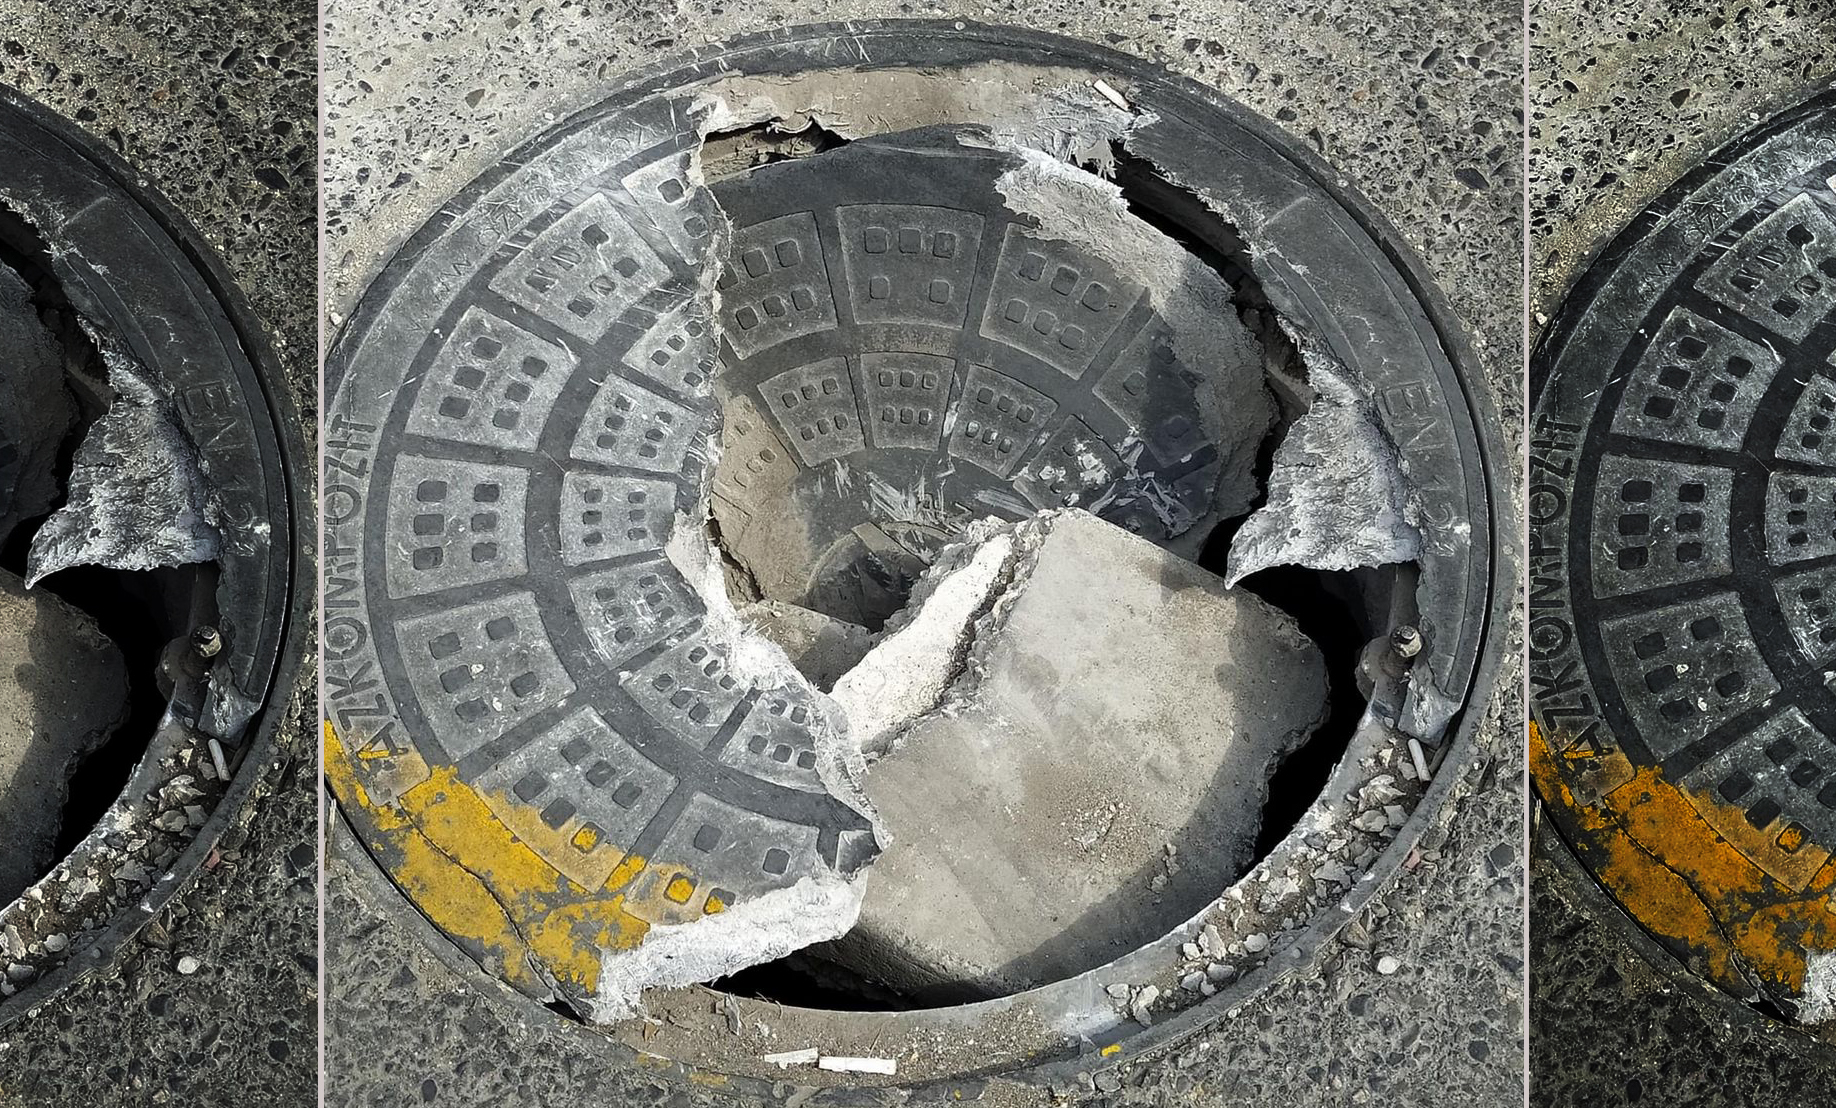 Xırdalanda preslənmiş kartondan kanalizasiya qapağı